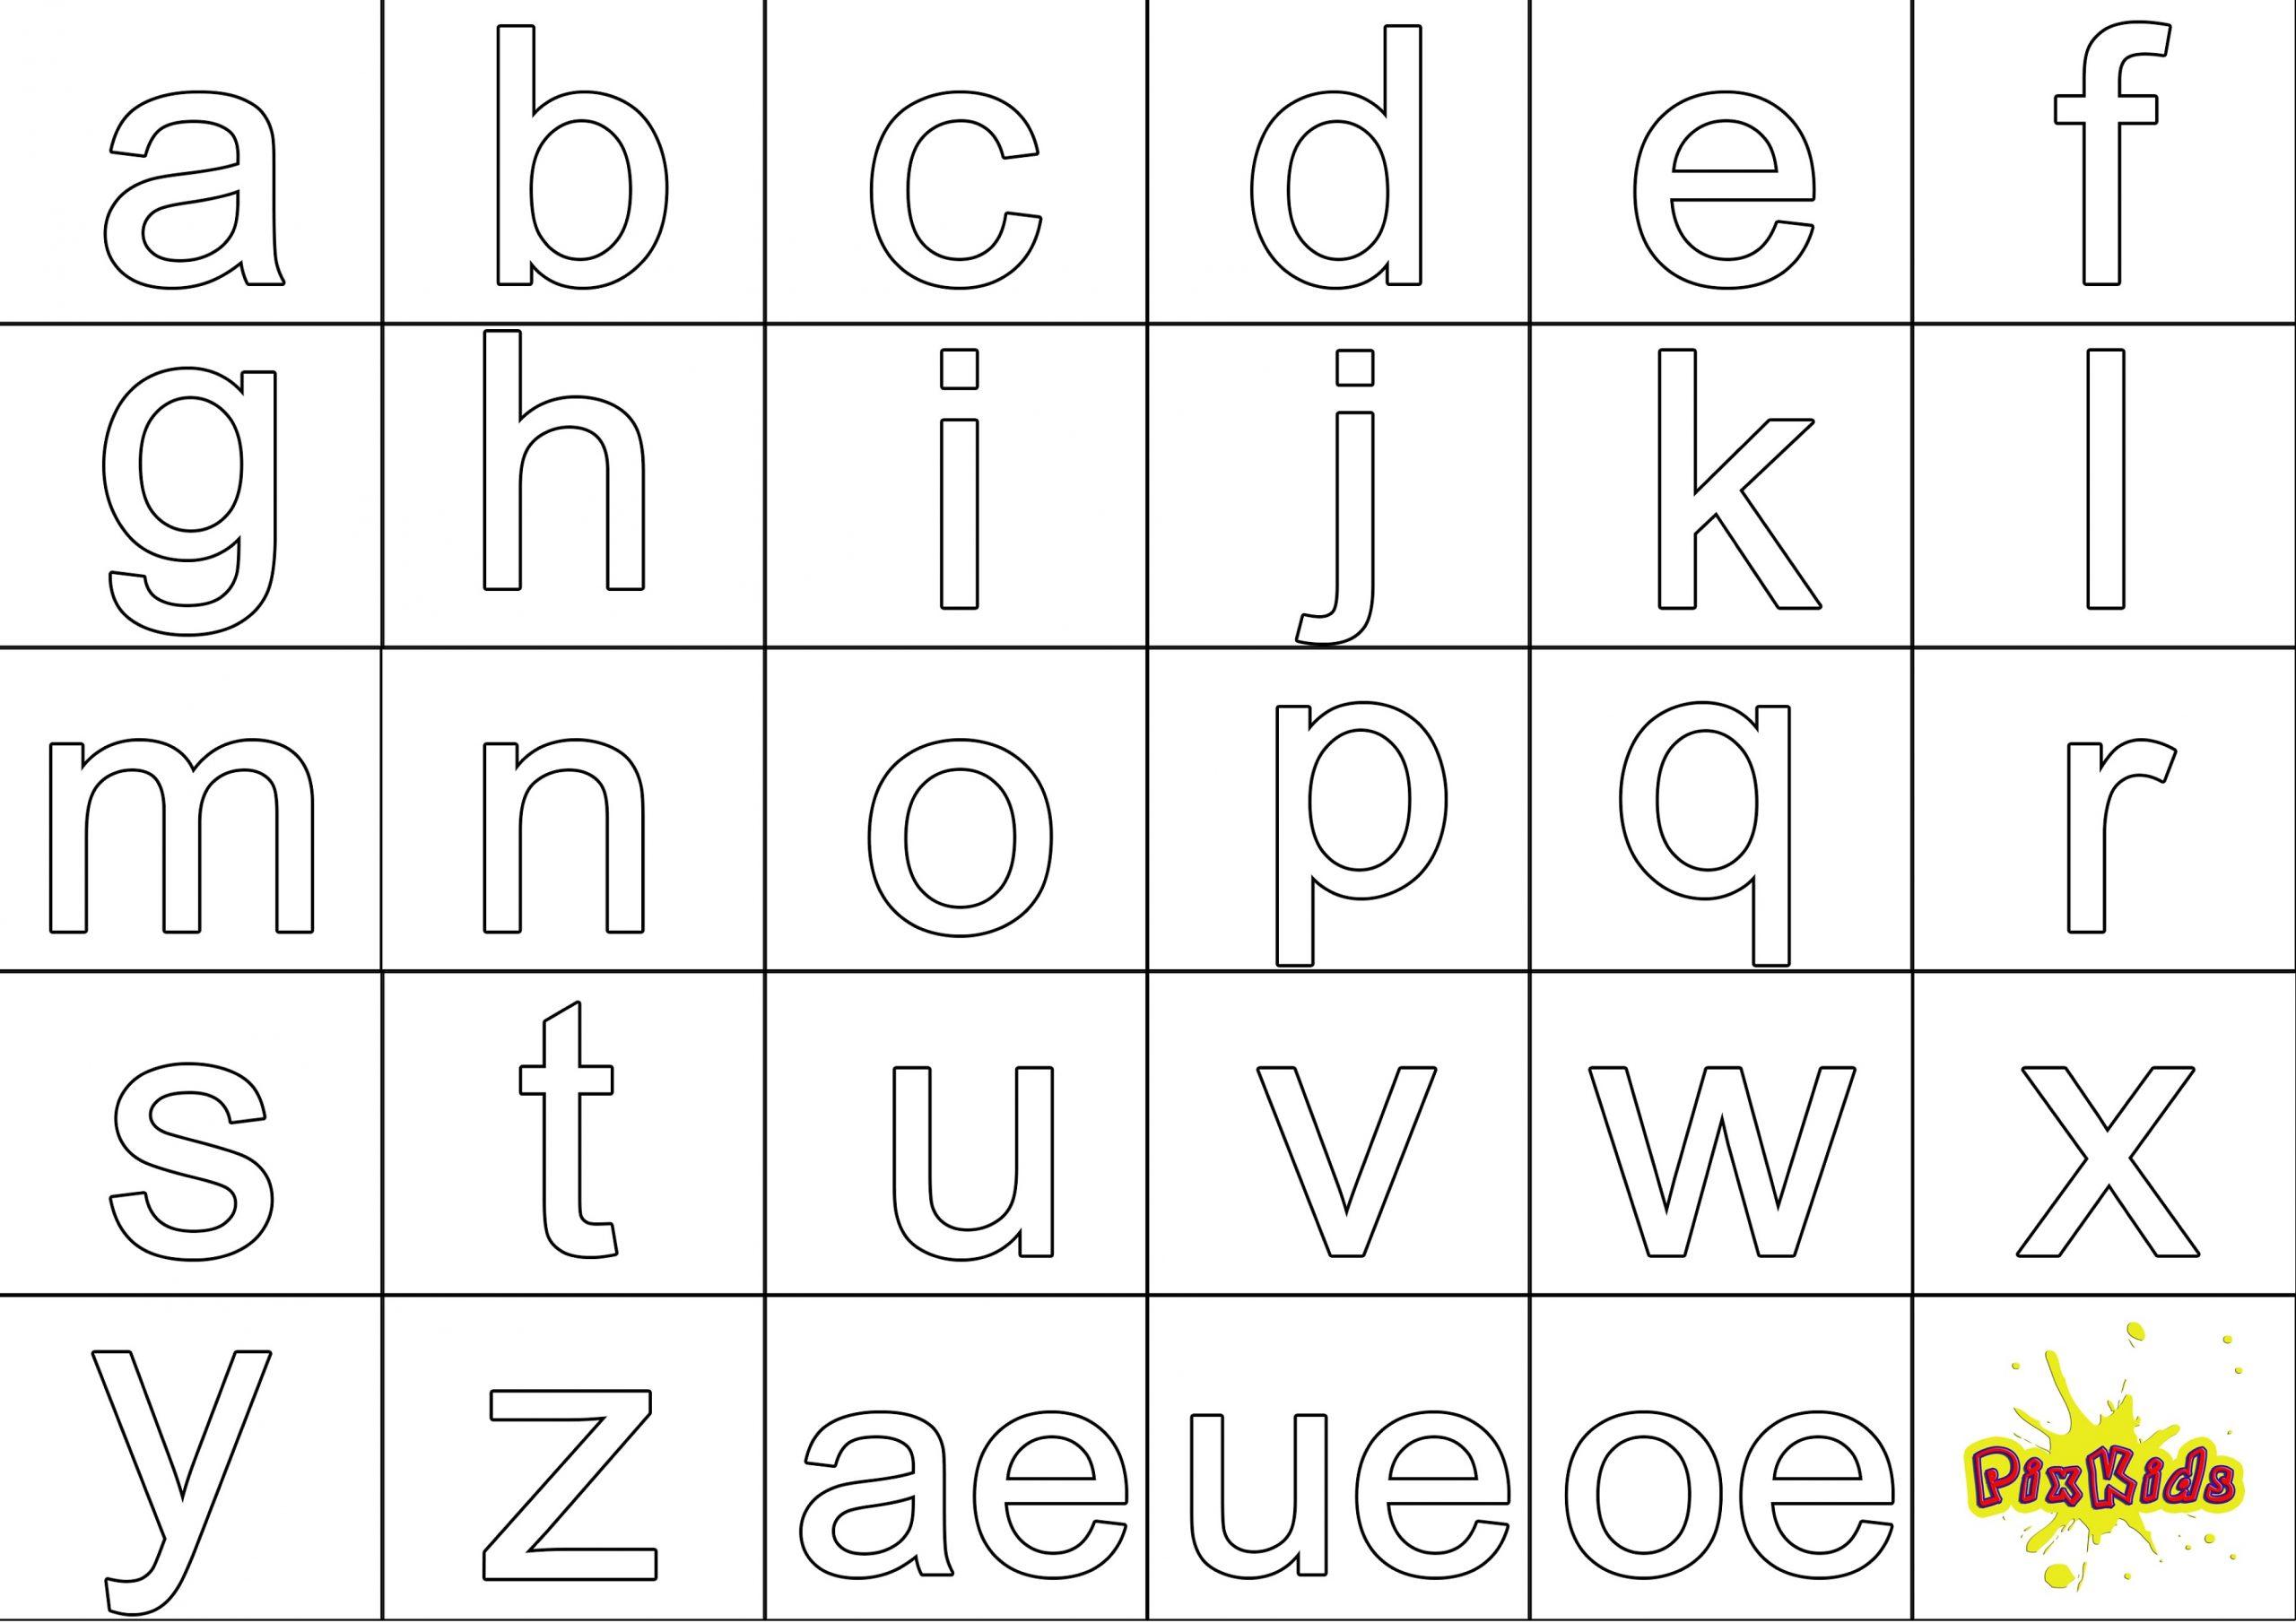 Ausmalbild Abc - Kostenlose Malvorlagen für Ausmalbilder Buchstaben Kostenlos